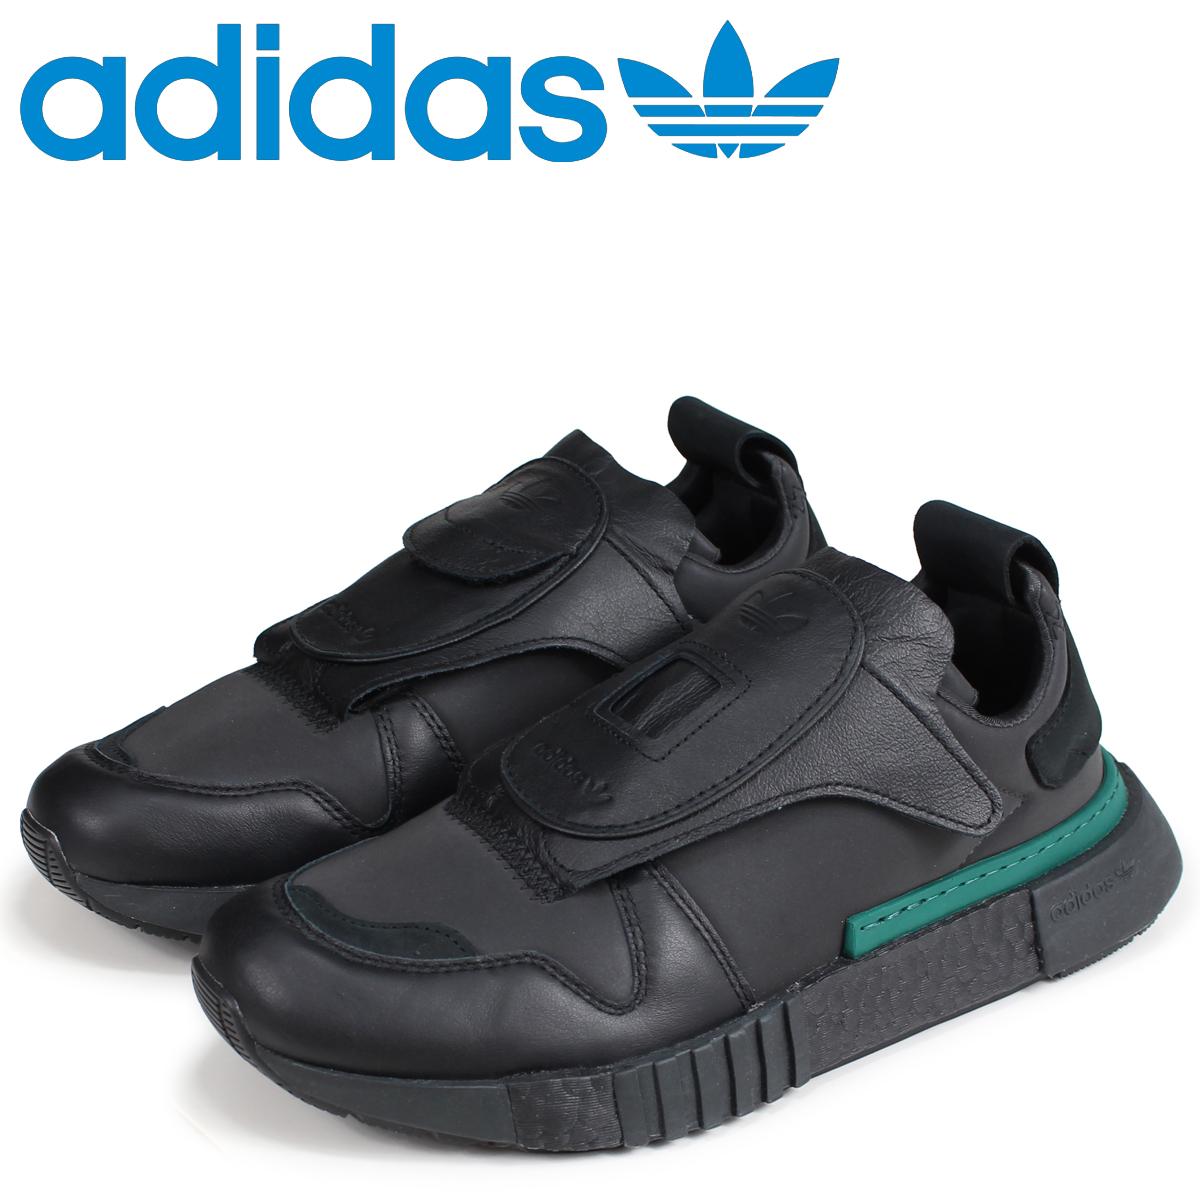 アディダス オリジナルス フューチャーペーサー adidas Originals スニーカー FUTURPACER メンズ B37266 ブラック [9/11 新入荷]